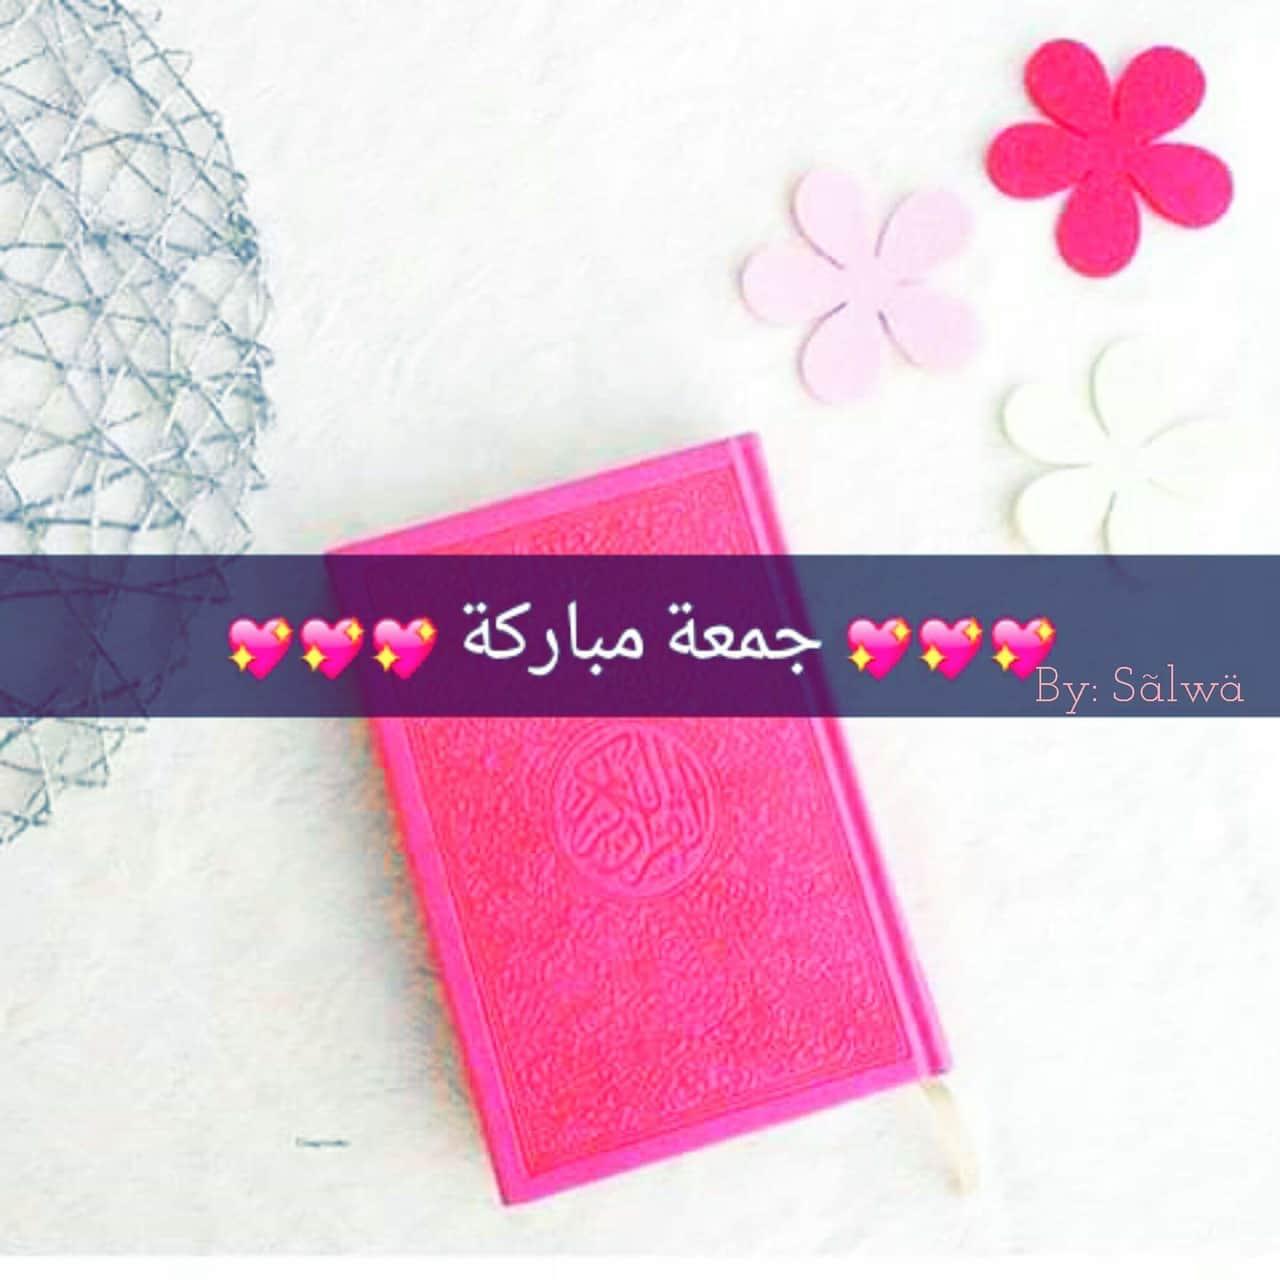 جمعة مباركة Shared By Dahbia Djerroud On We Heart It